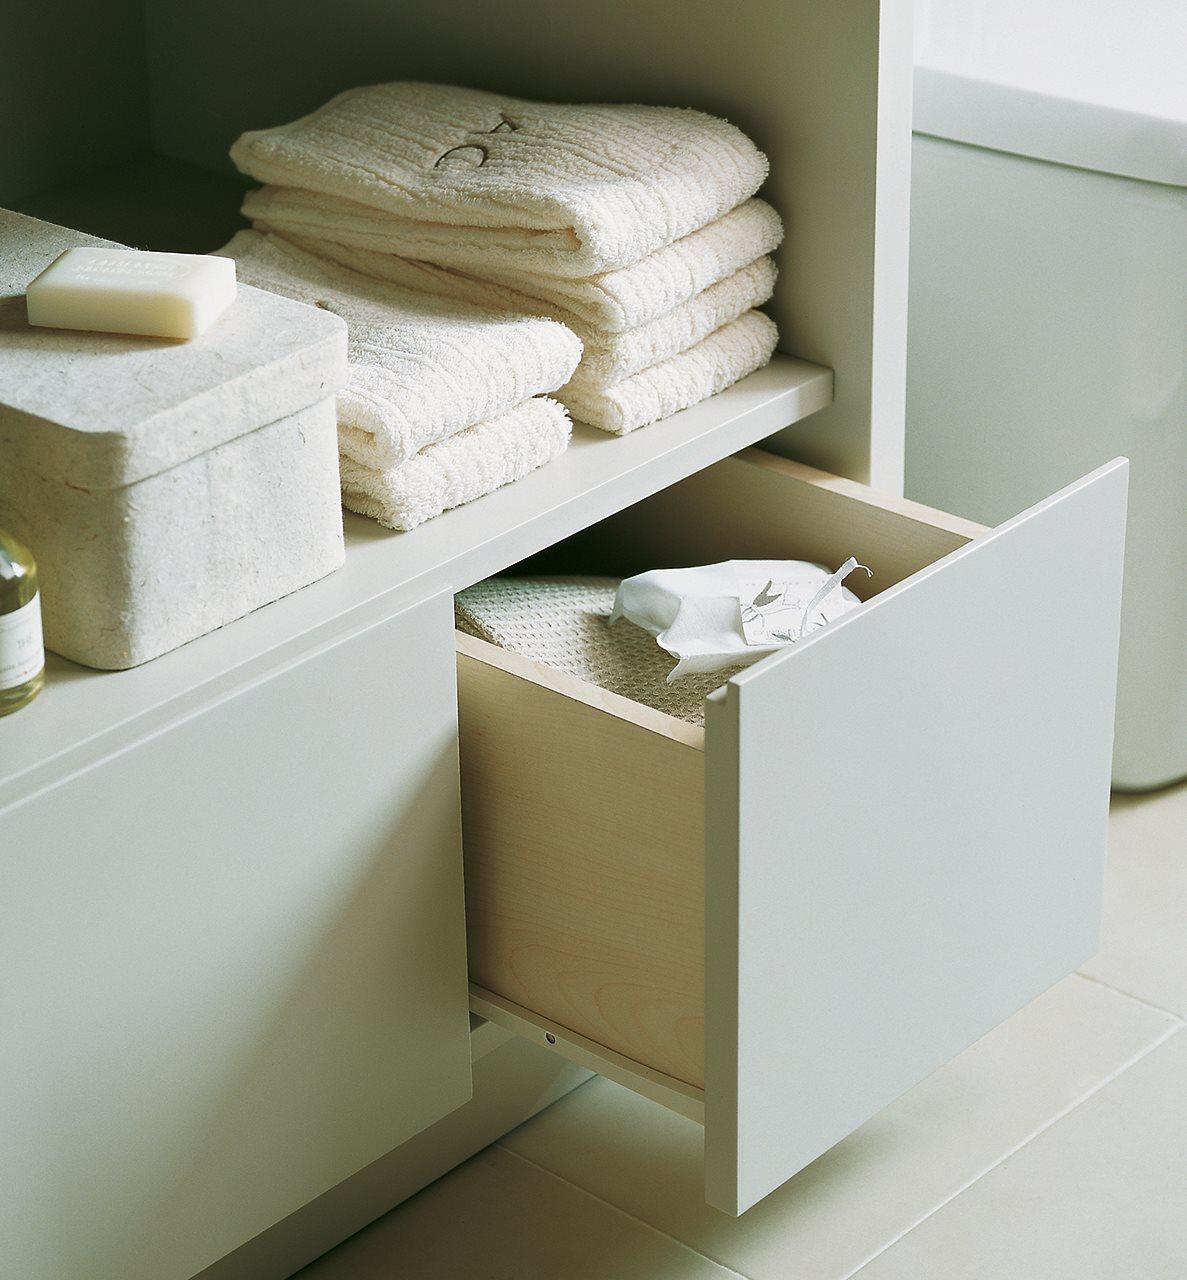 Muebles De Baño Karol:detalle_de_cajon_de_mueblebajo_de_bano_1187x1280jpg